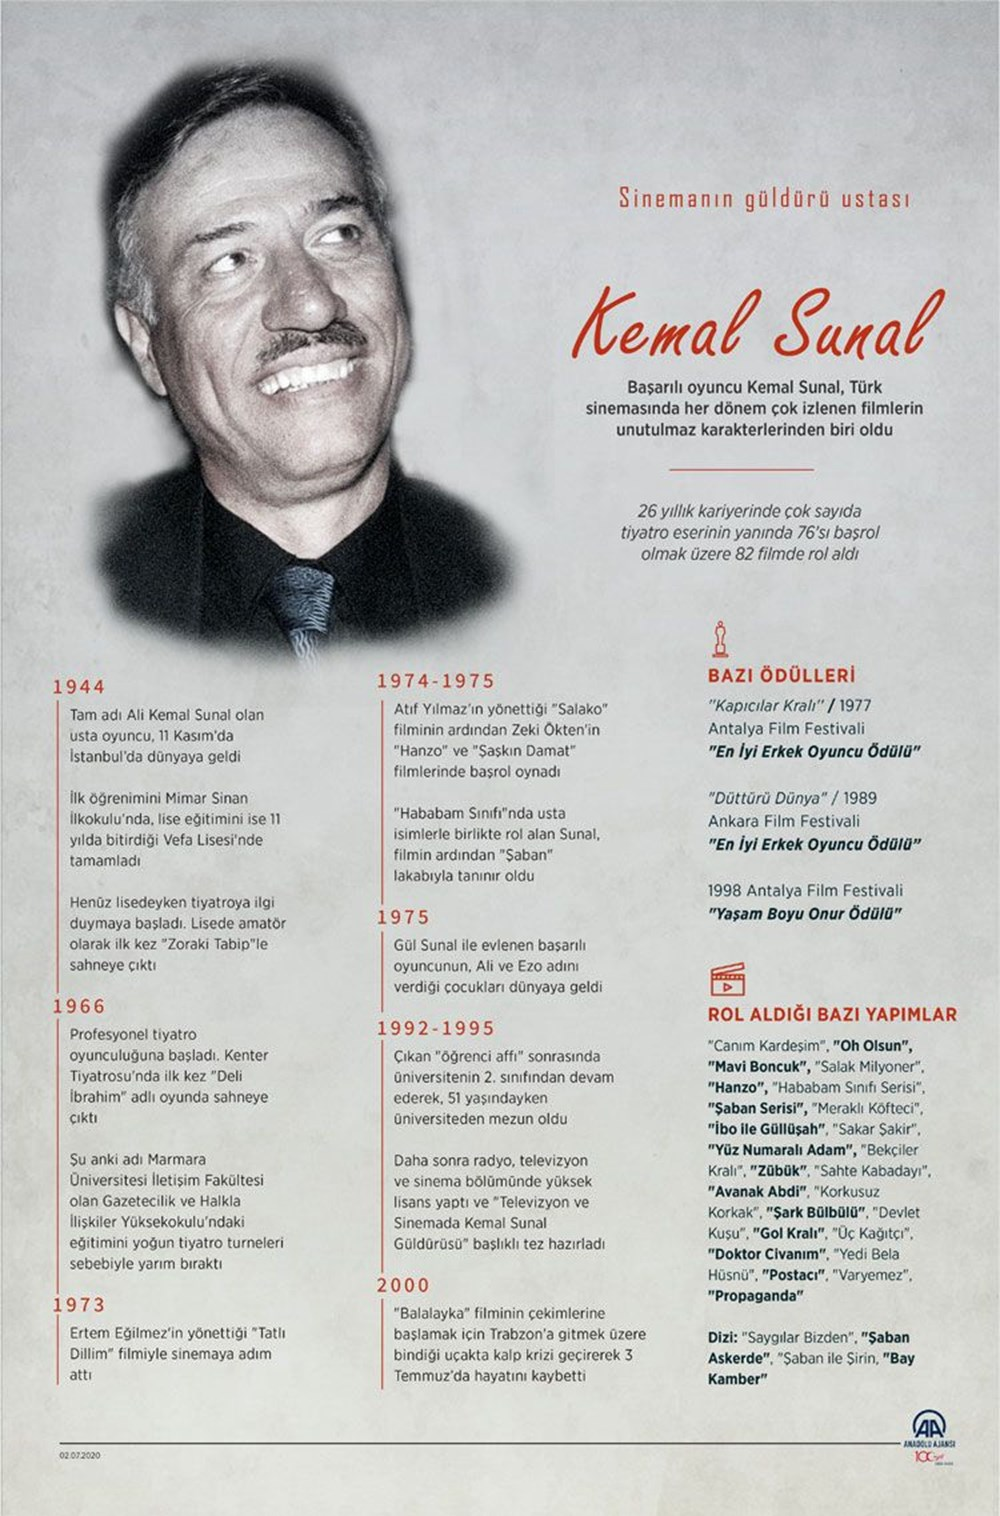 Sinemanın güldürü ustası: Kemal Sunal - 14